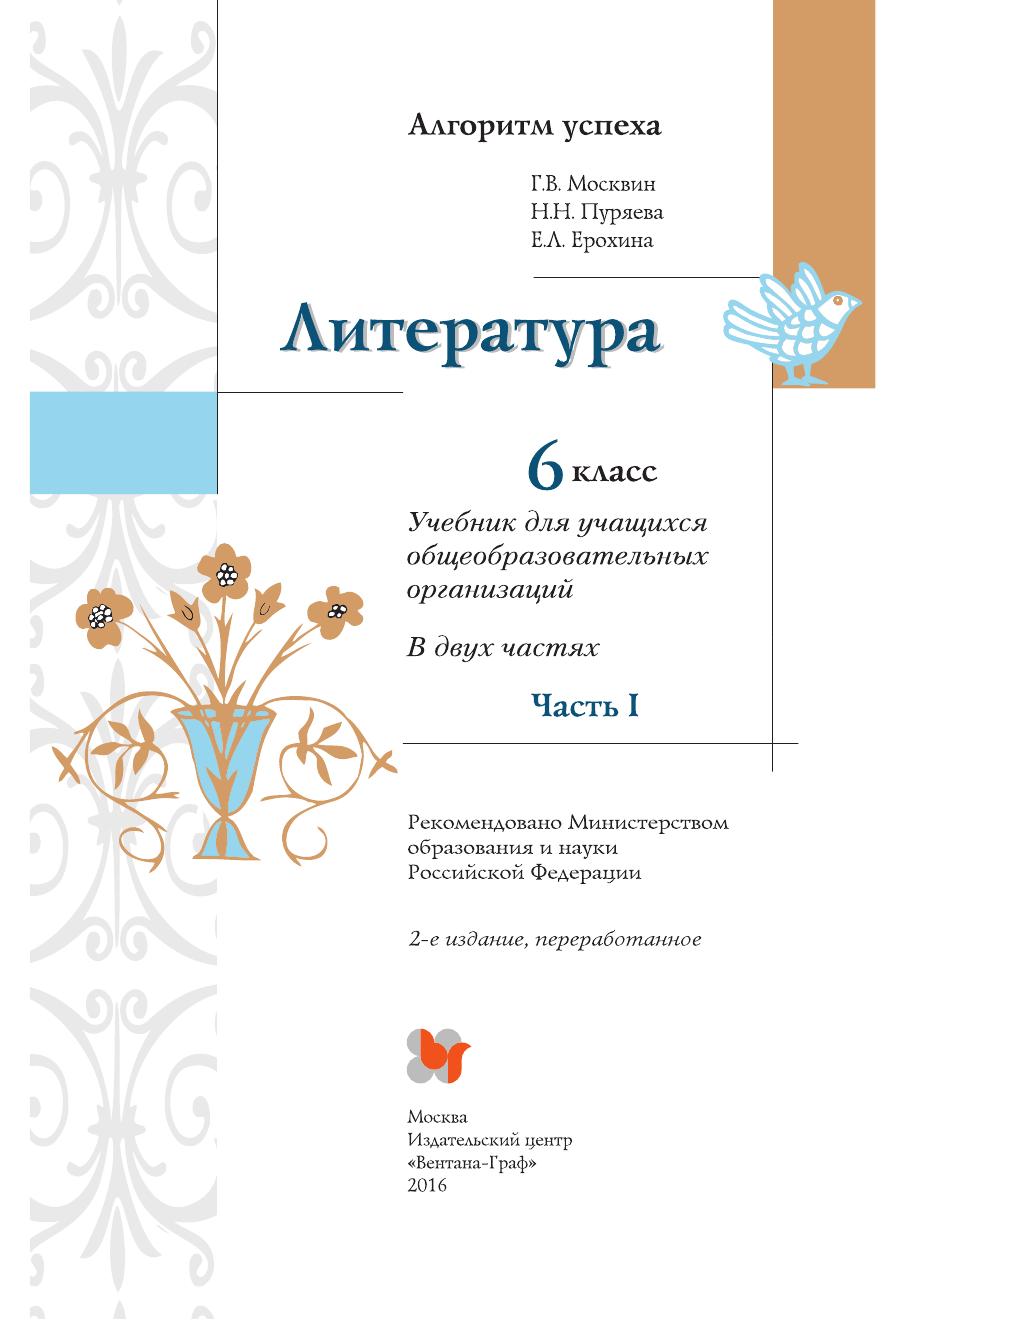 гдз по литературе 6 класс москвин и ерохина 1 часть